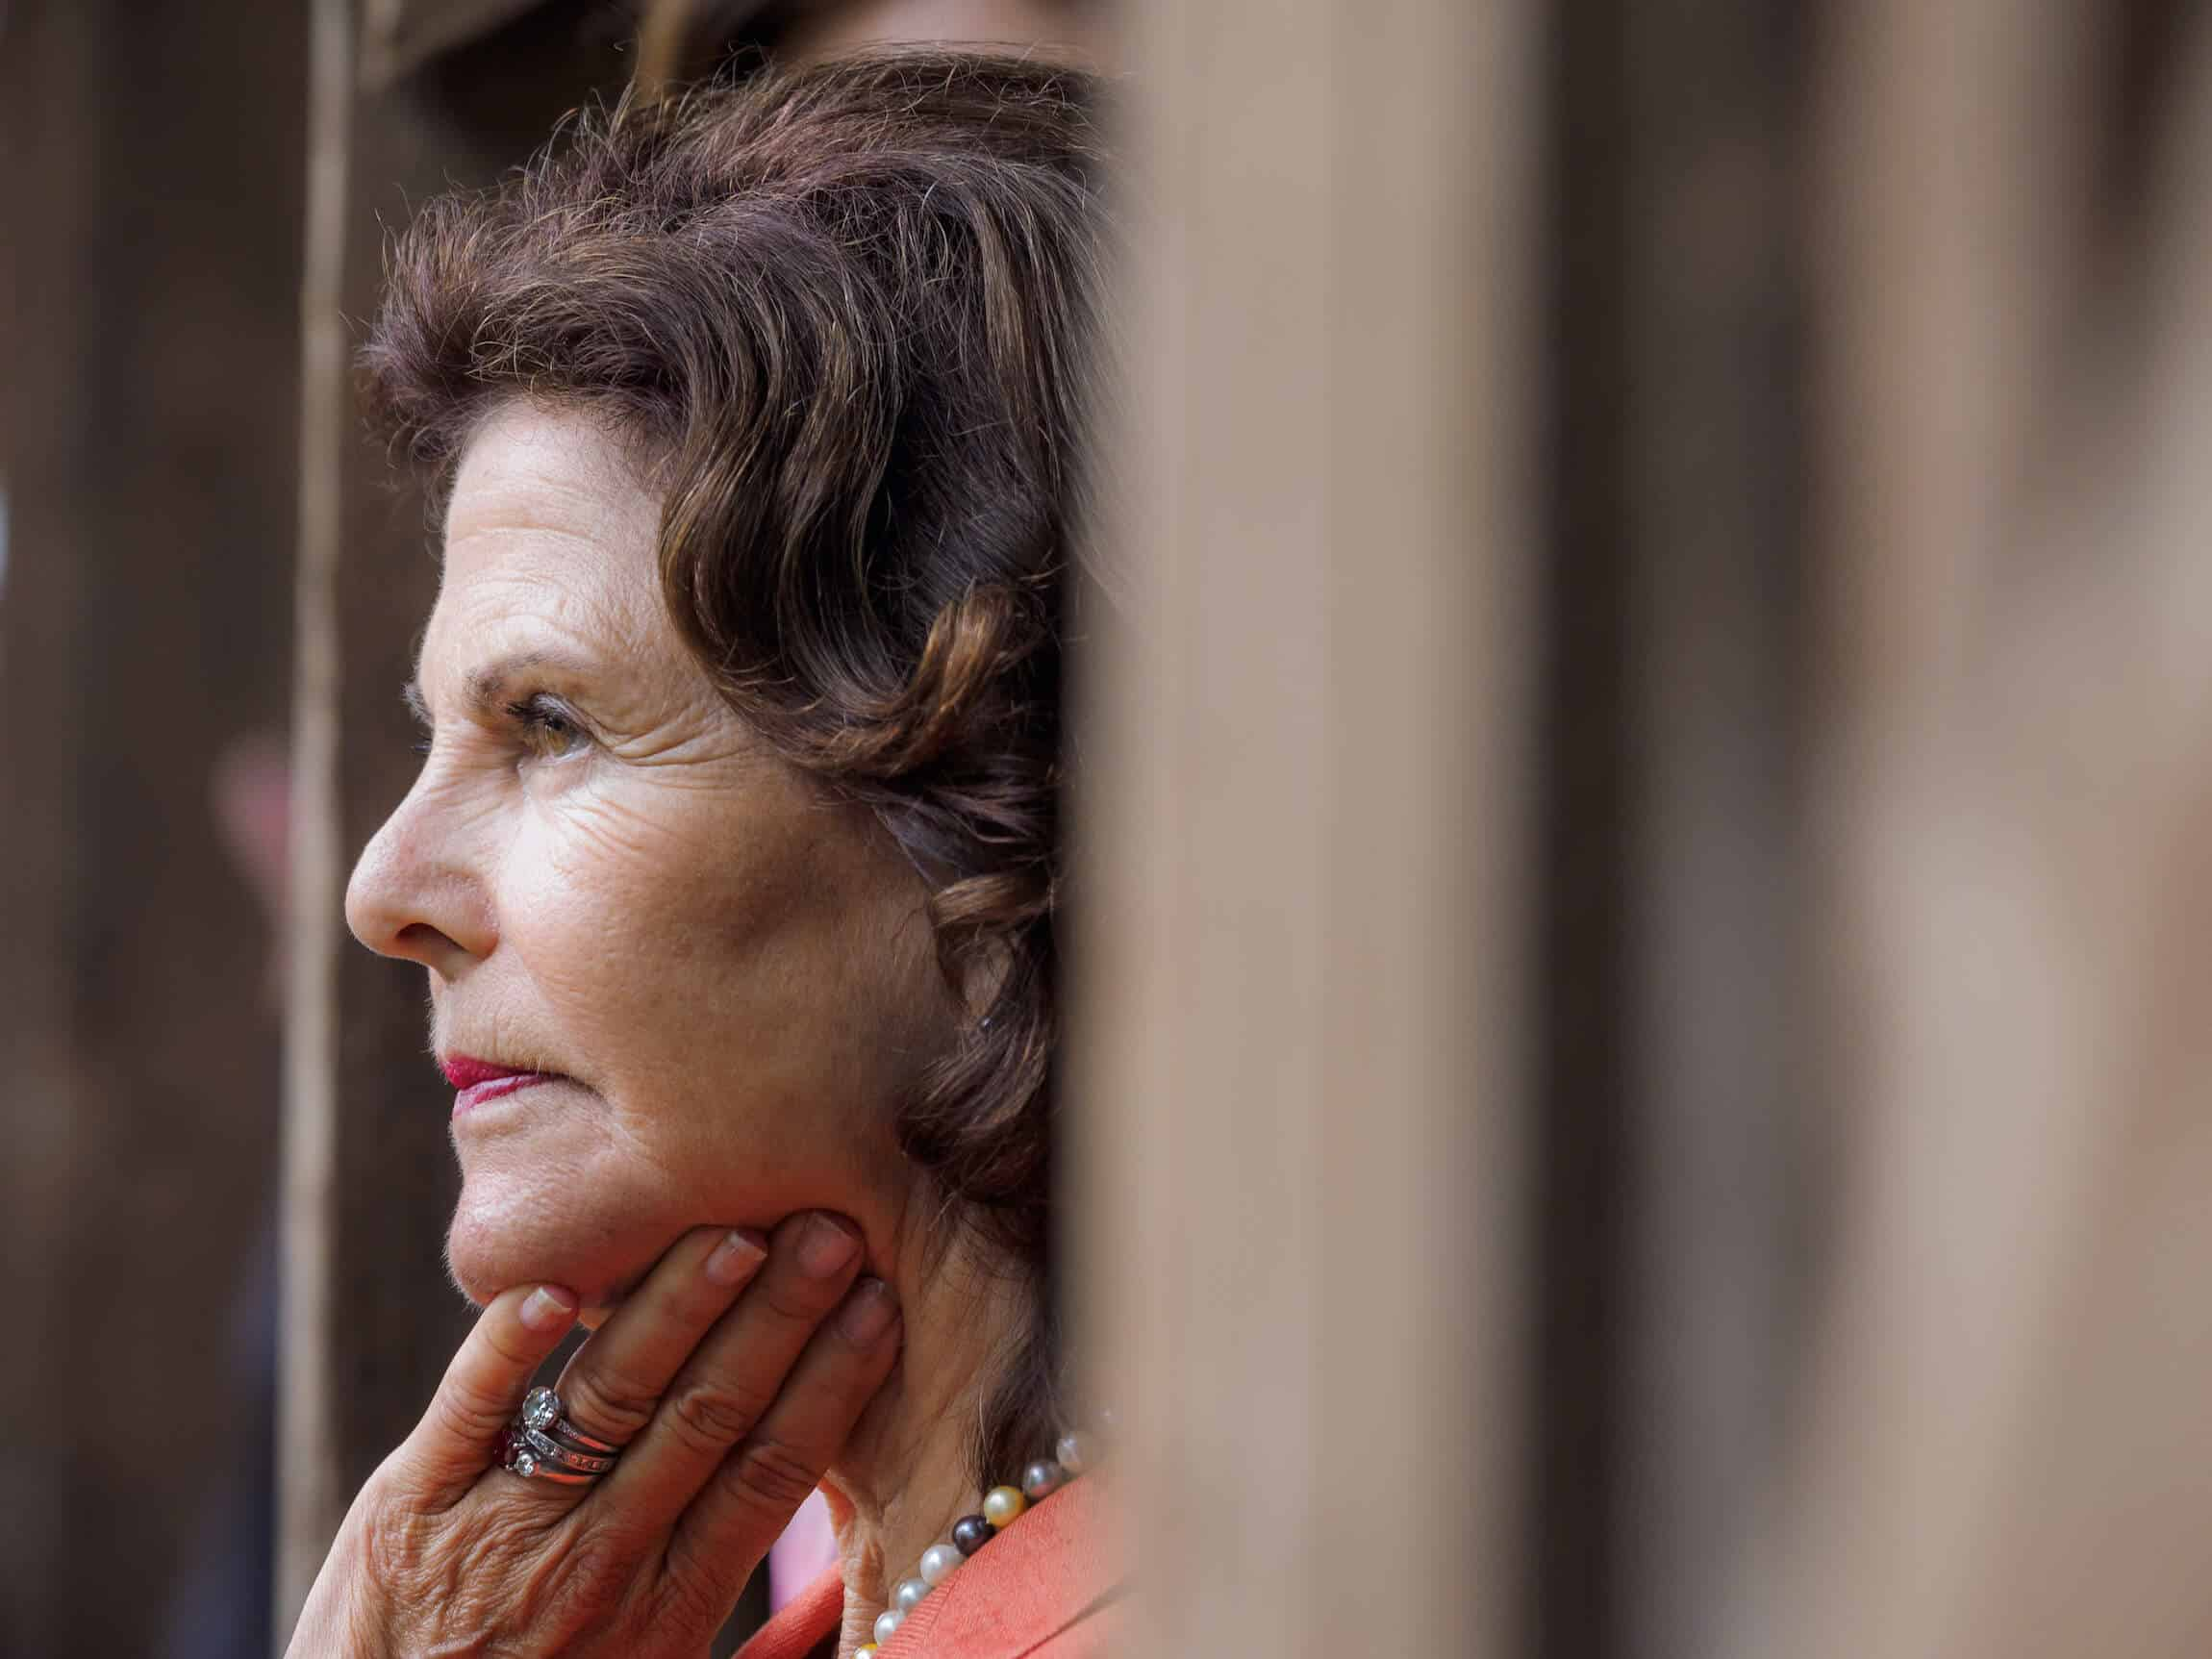 Königin Silvia: War der Unfall schlimmer als gedacht?